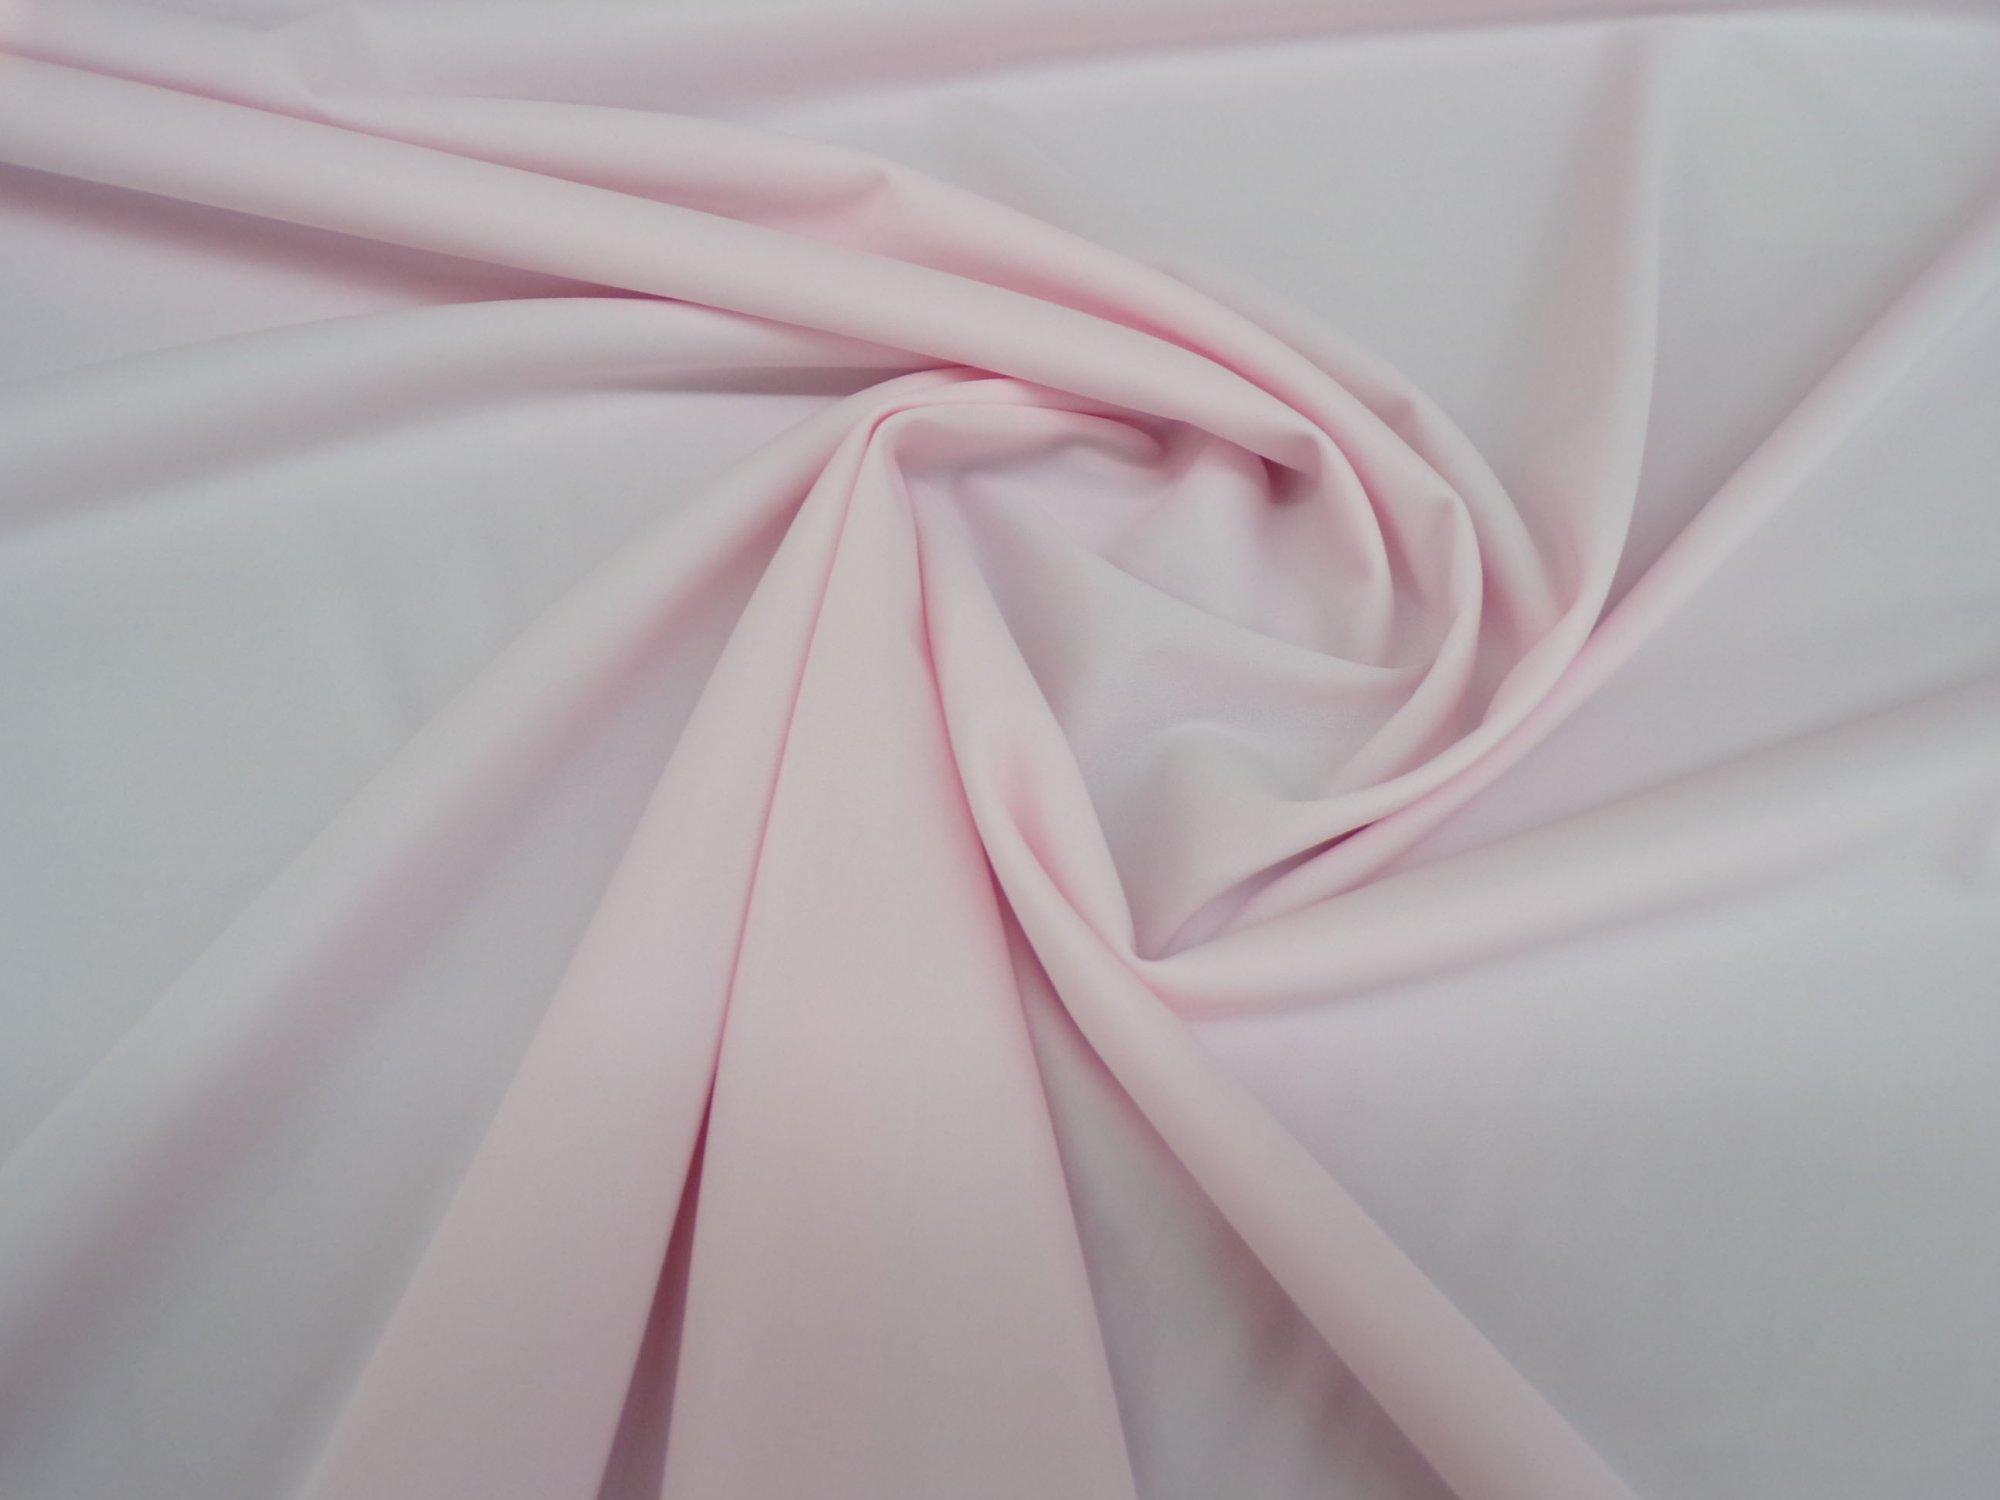 50 Denier Nylon Tricot - Pale Pink